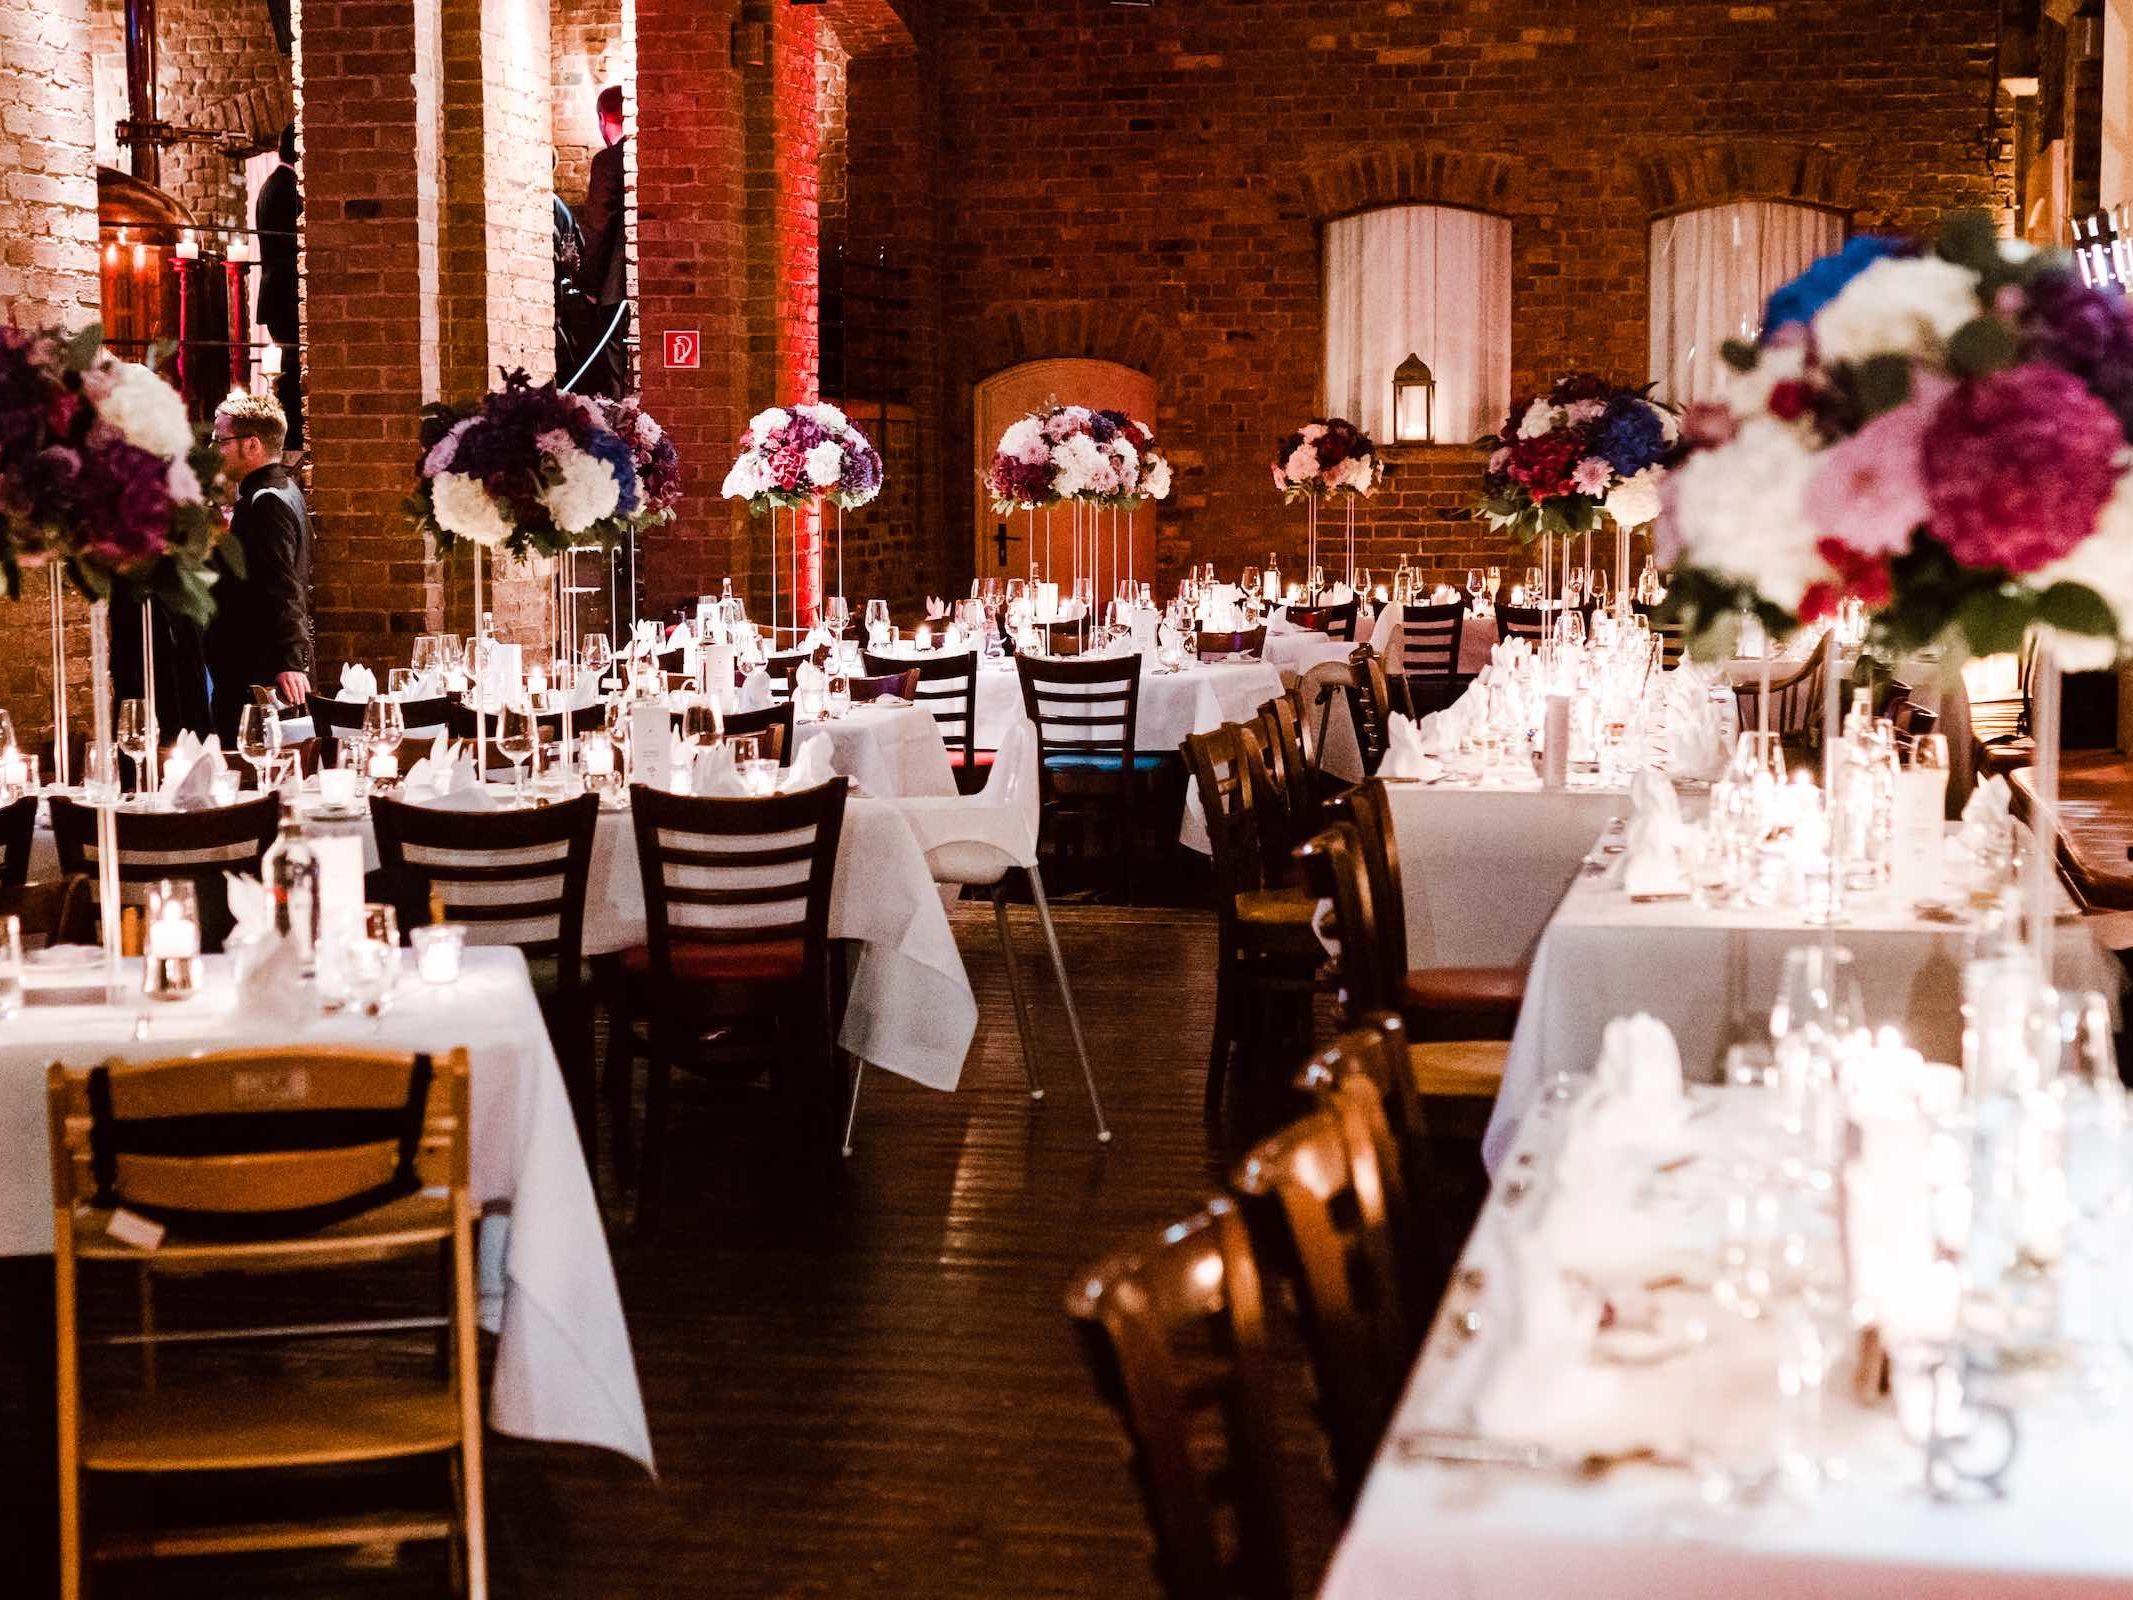 Burg | Königsworth | Roneburg | Hannover | Hochzeit | Geburtstag | Firmenfeier | Referenz | Locations | Fotografie | Tischdekoration | Hochzeitsplaner | Lehmann | Eventservice